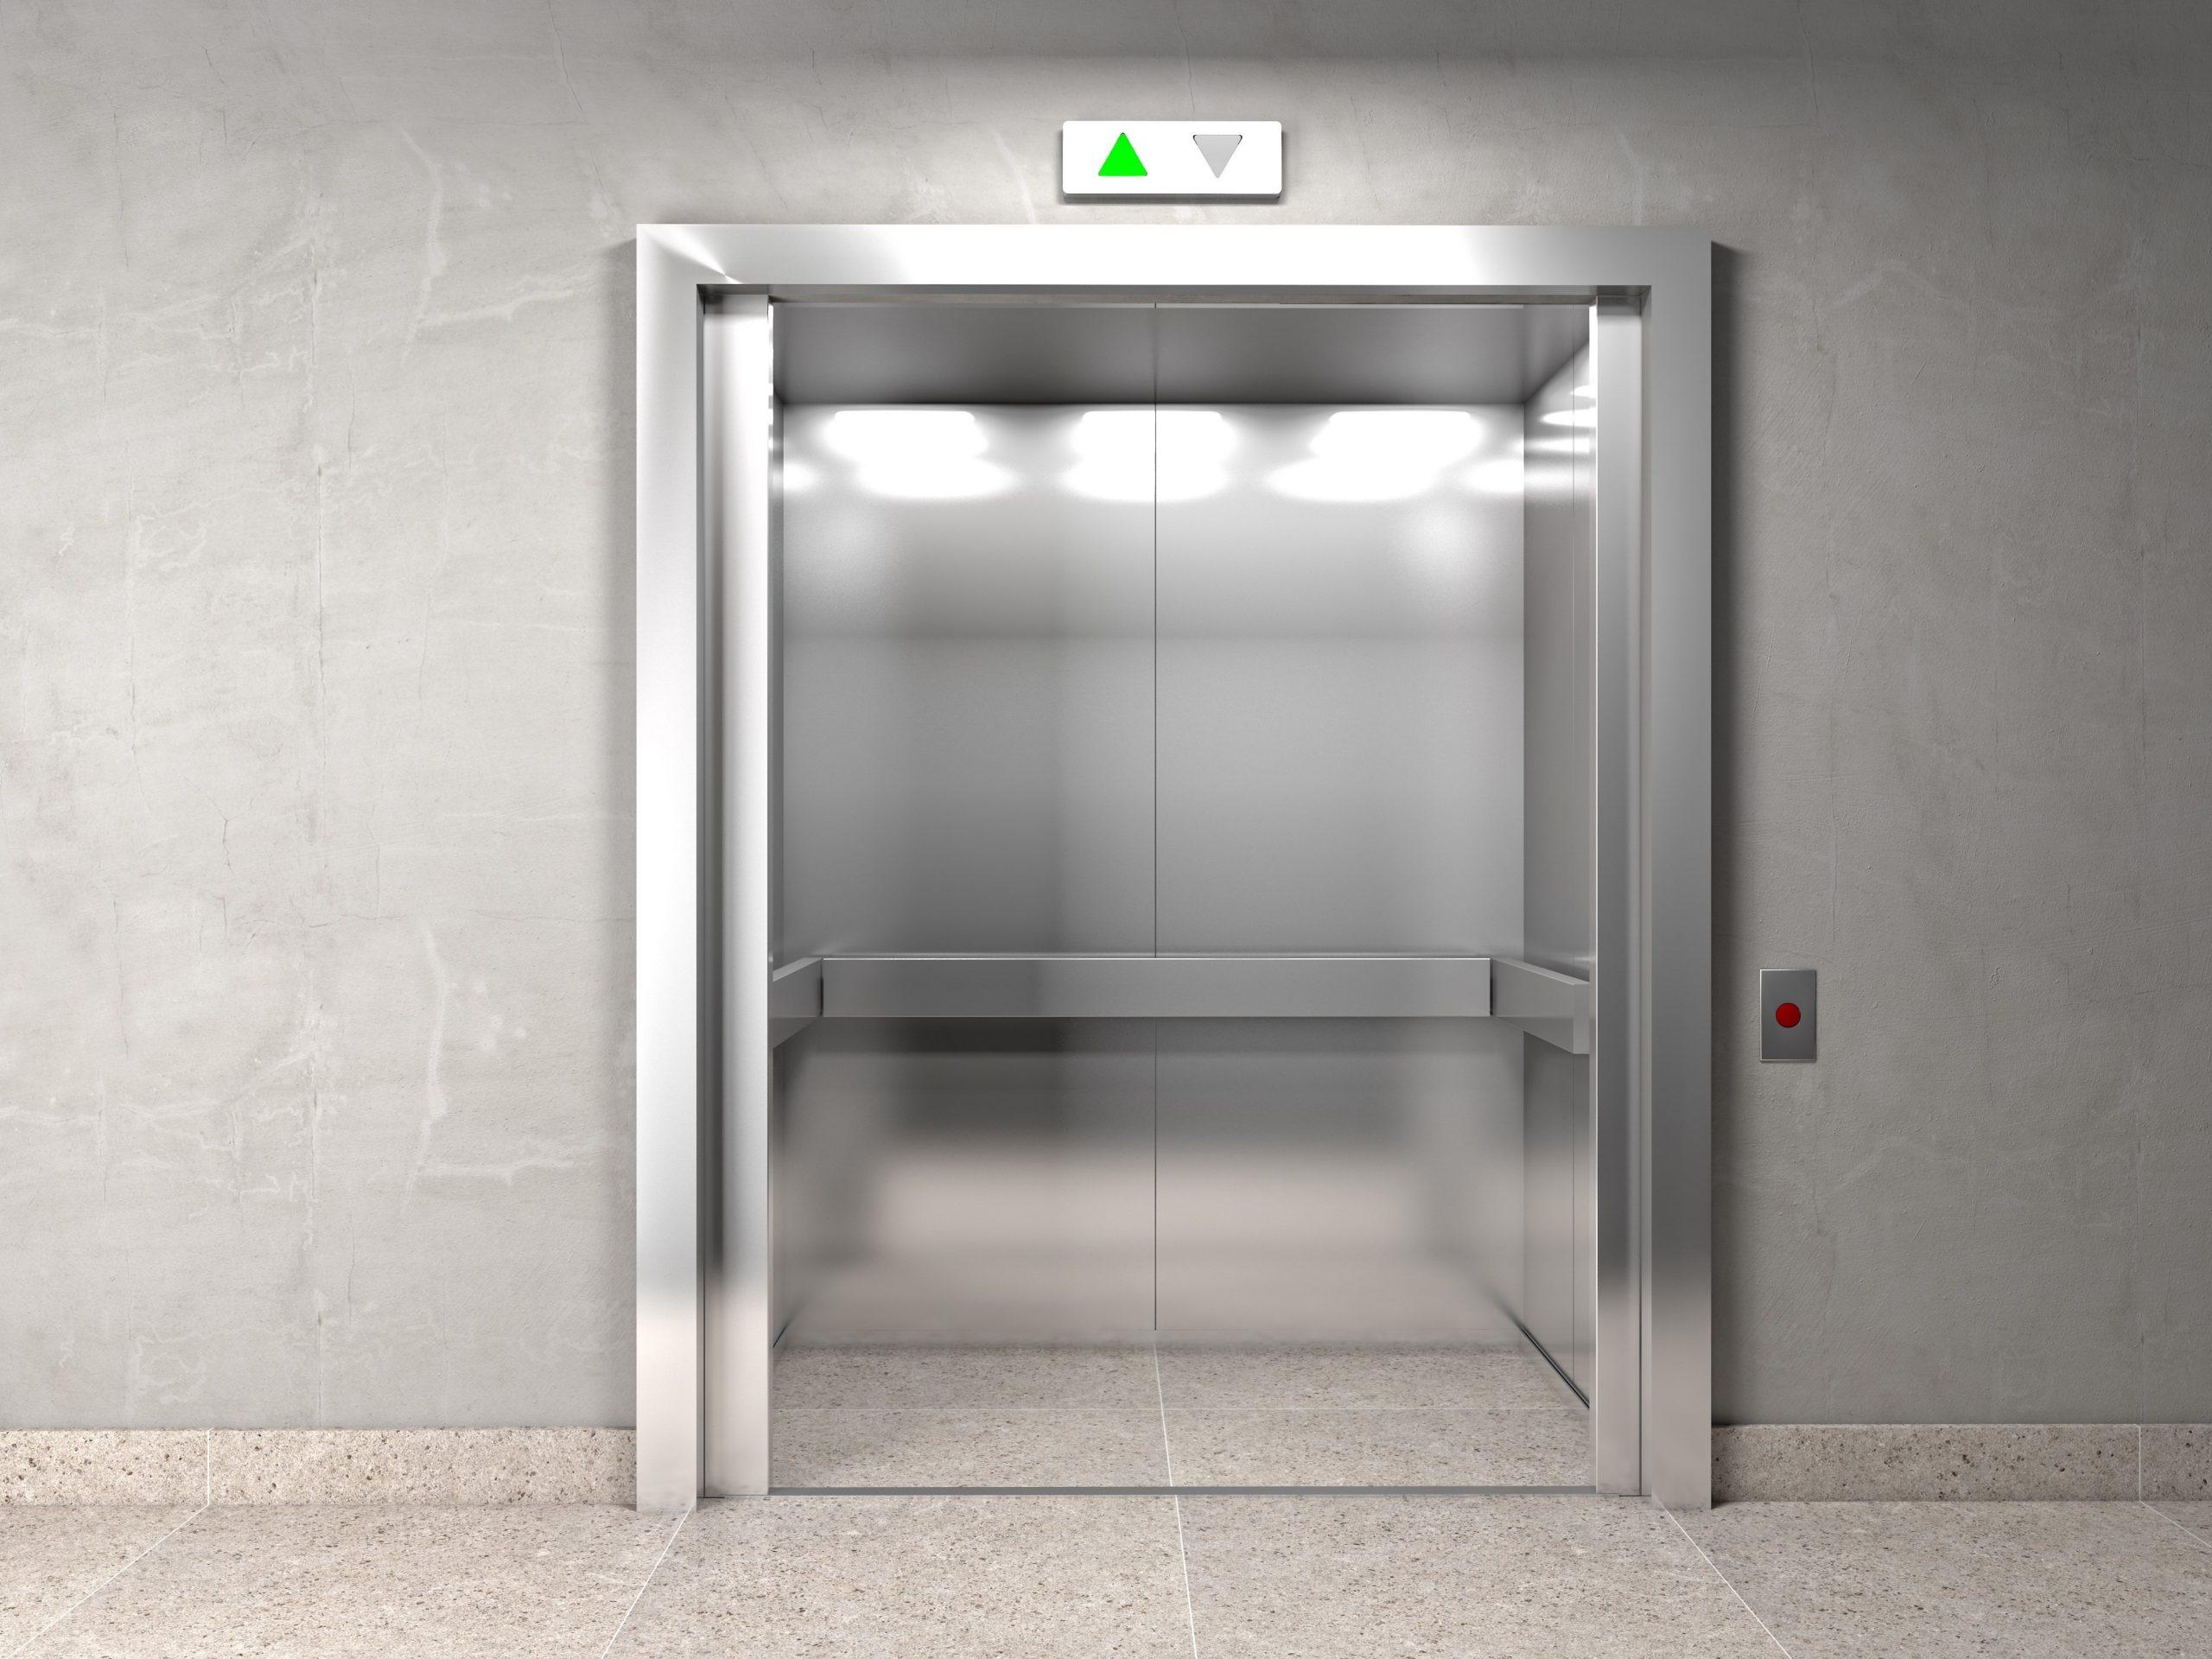 تعمیر، سرویس، نگهداری آسانسور اوین